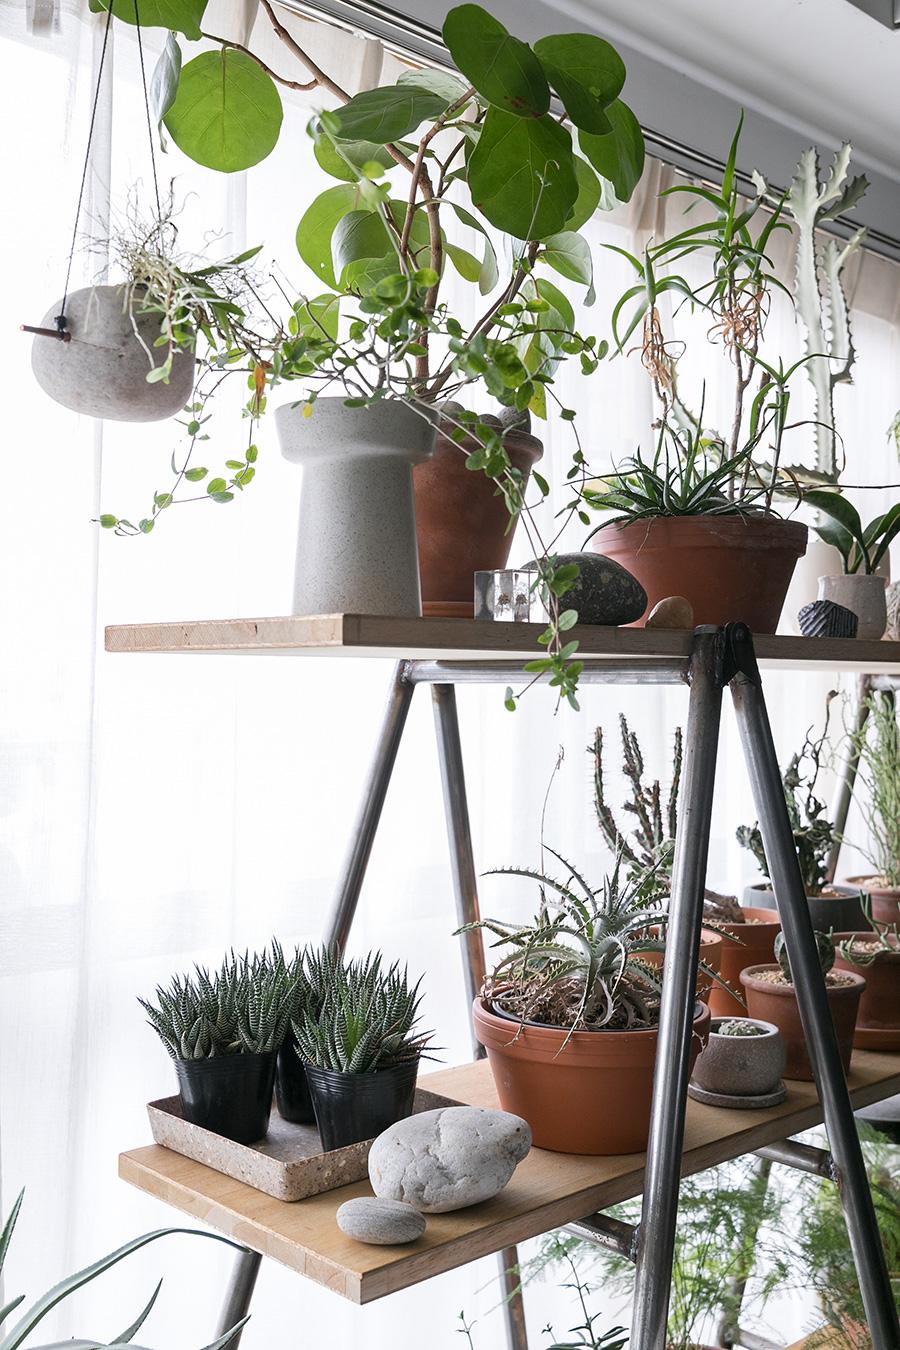 植物にハマっているという健さん。棚は三脚に板を渡したもの。「三脚は工事現場で使われているものです。Tokosieを見て買いました」。蘭や多肉植物など、種類にはこだわらず気に入ったものを育てている。鉢はテラコッタに統一すべく植え替え中。